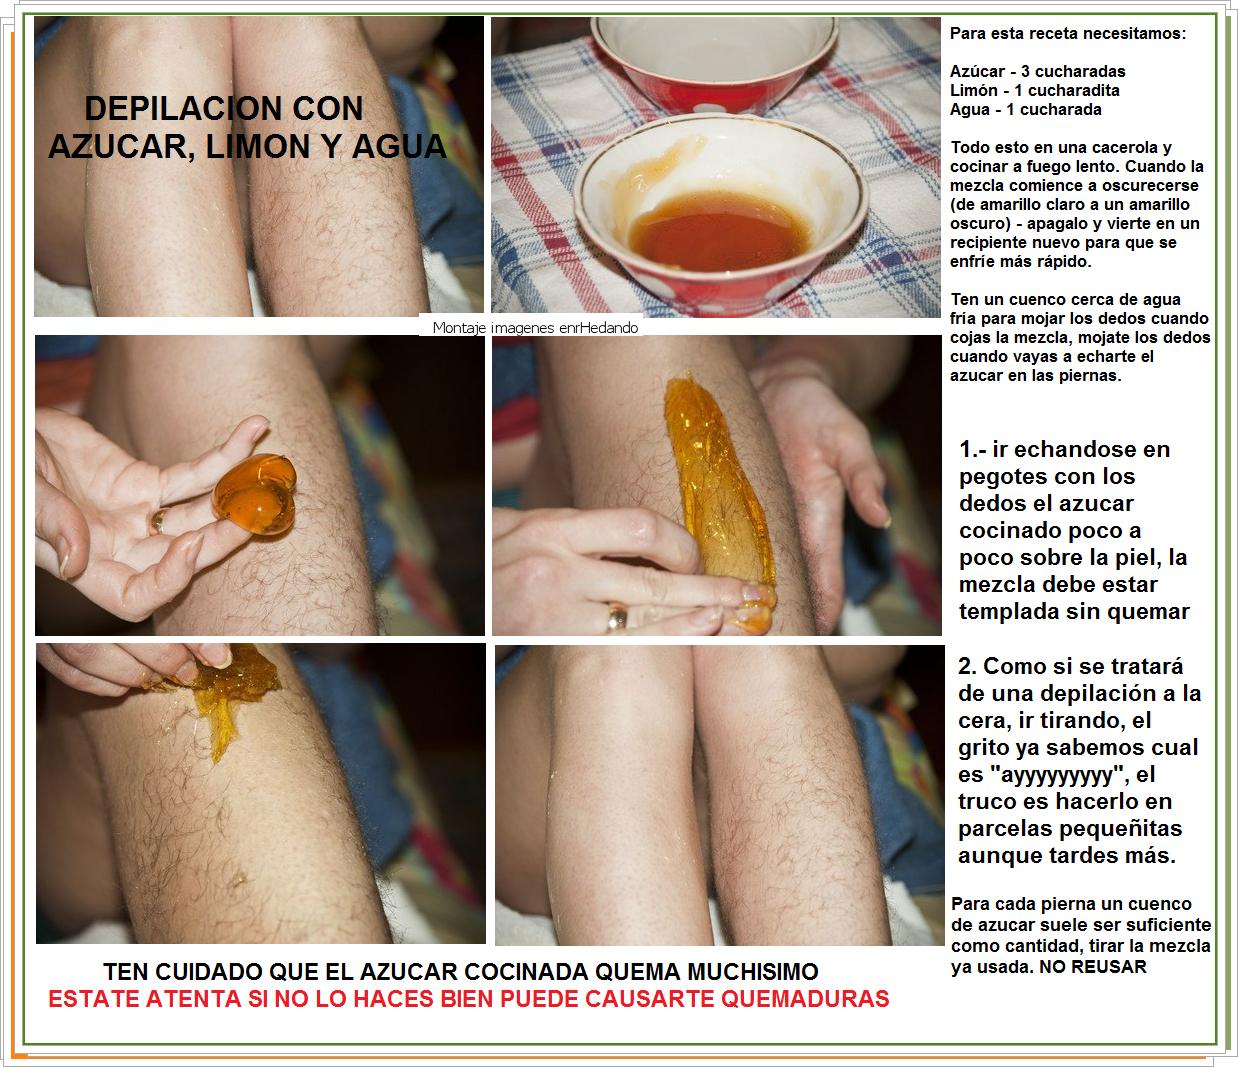 Como Depilarse Las Piernas Con Azucar Y Limon Depilación Casera Depilacion Con Azucar Depilar